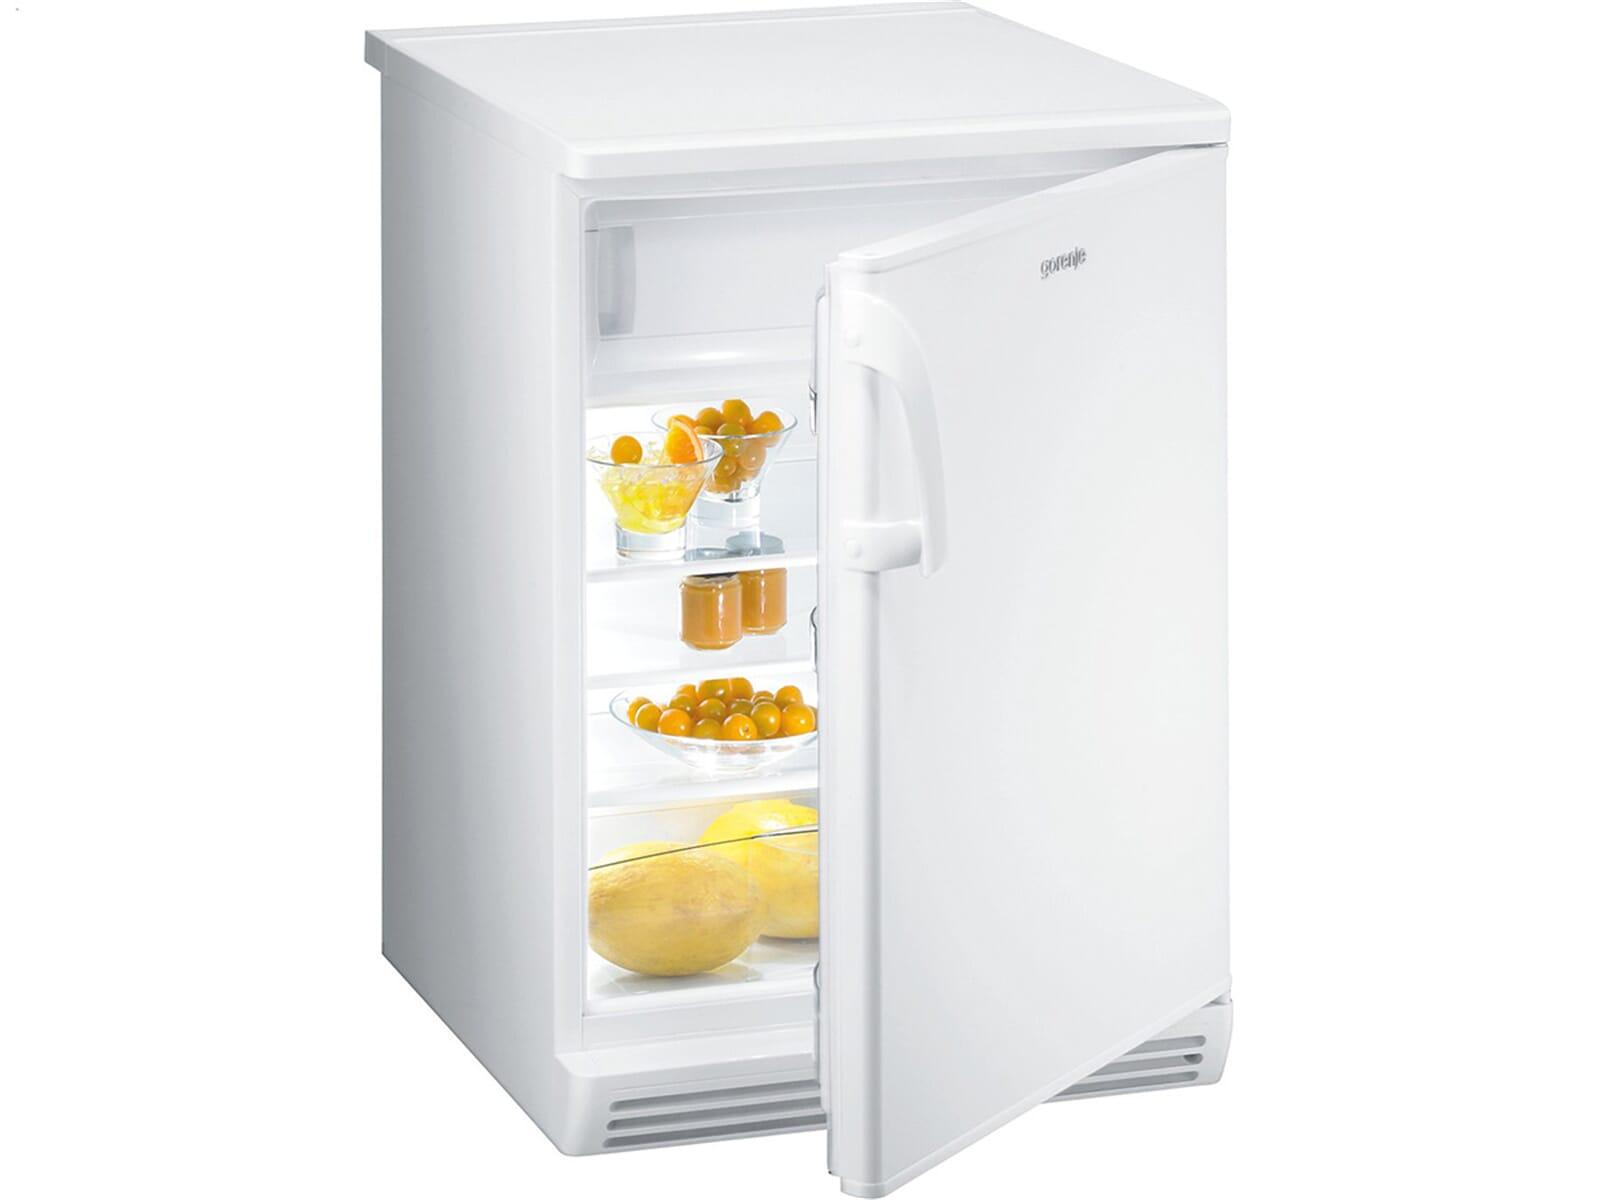 Gorenje Kühlschrank Orange : Gorenje rb aw standkühlschrank weiß